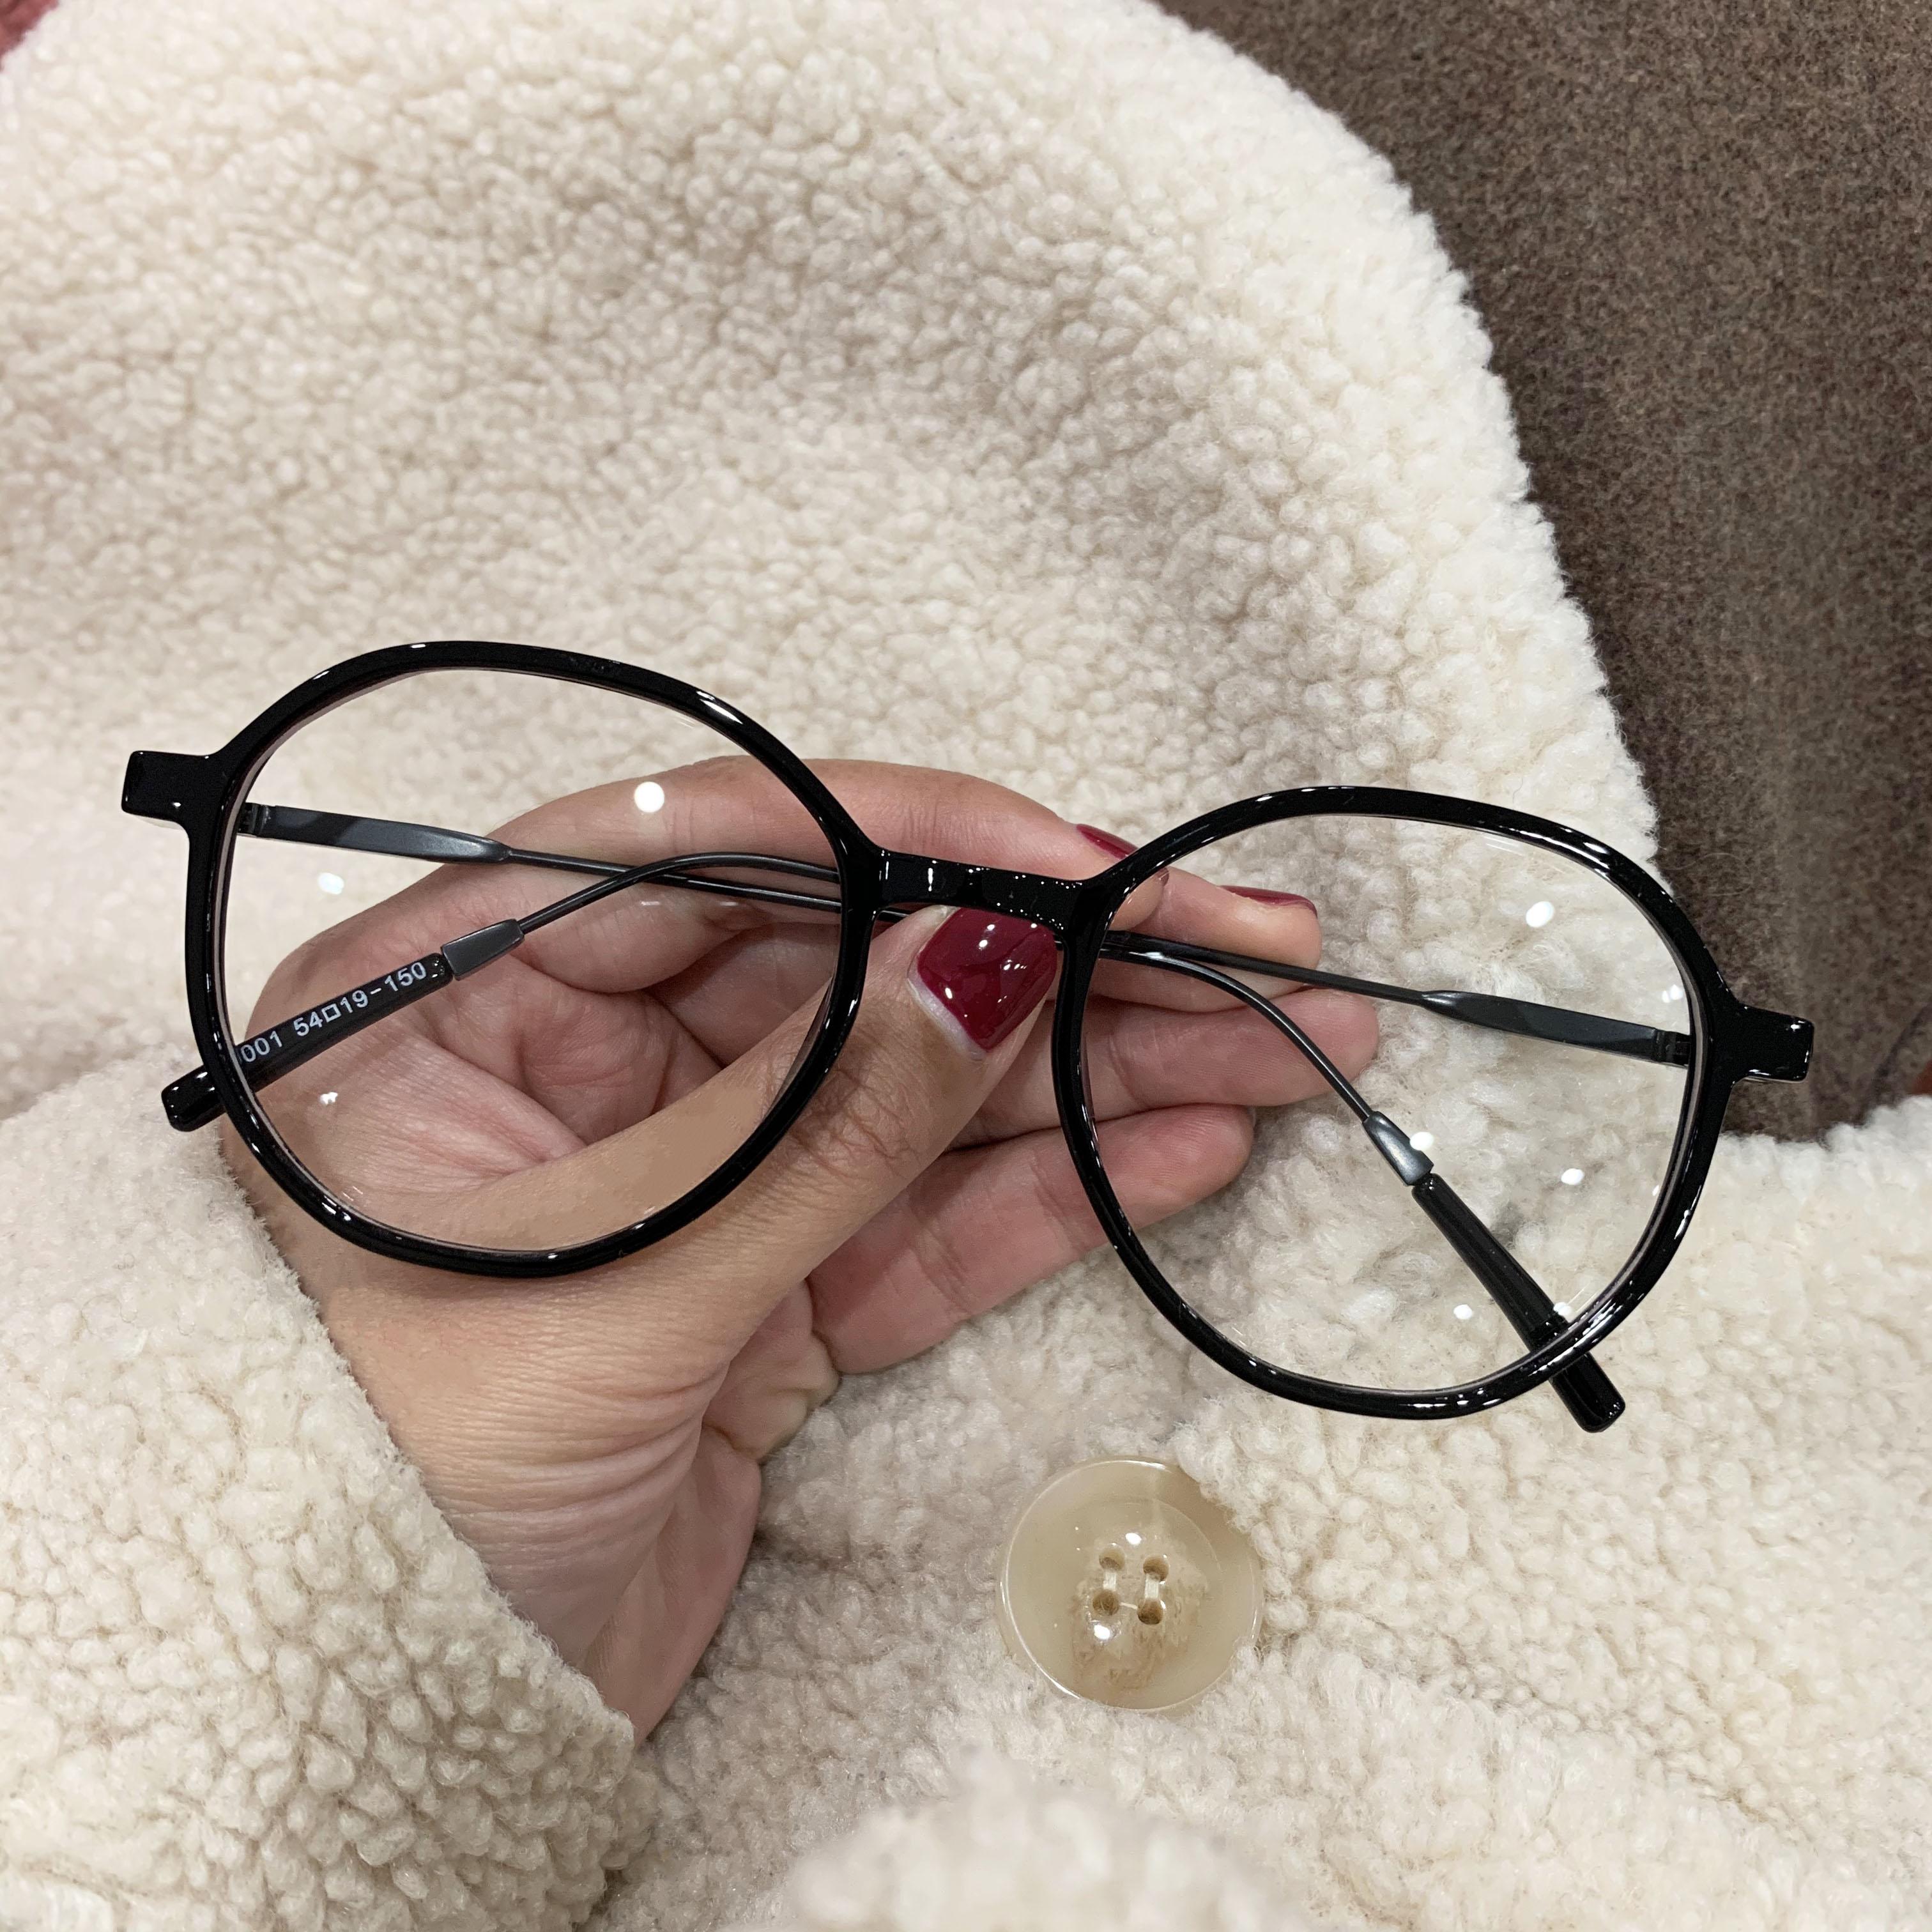 复古圆形黑框素颜神器眼镜框女韩版潮网红原宿平光镜奶茶色镜框女